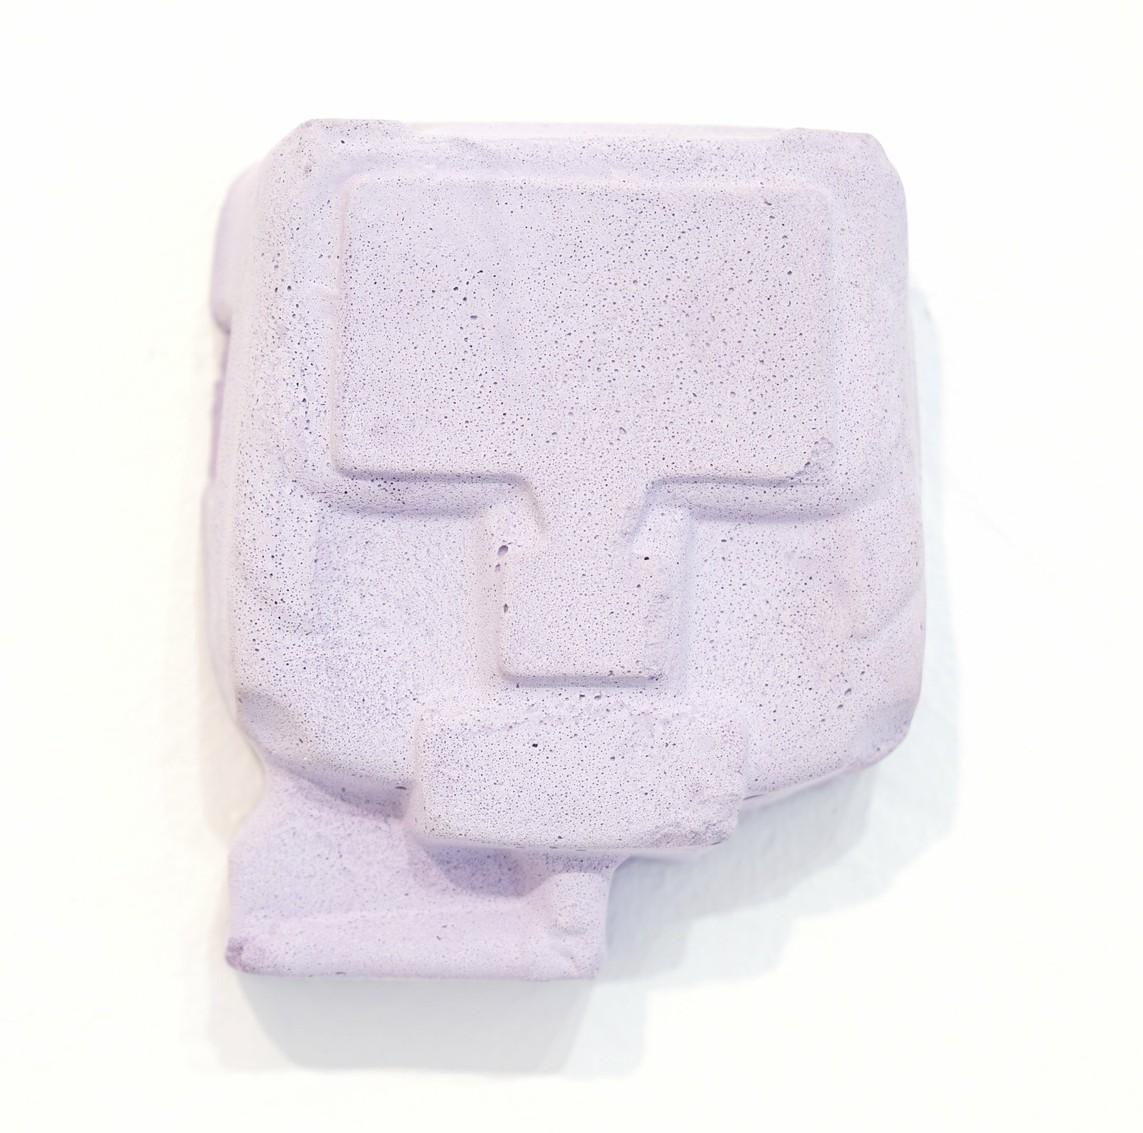 Umverpackung 20, 2018, Beton, Lack, Pigment, 13,5 x 16,5 x 6 cm